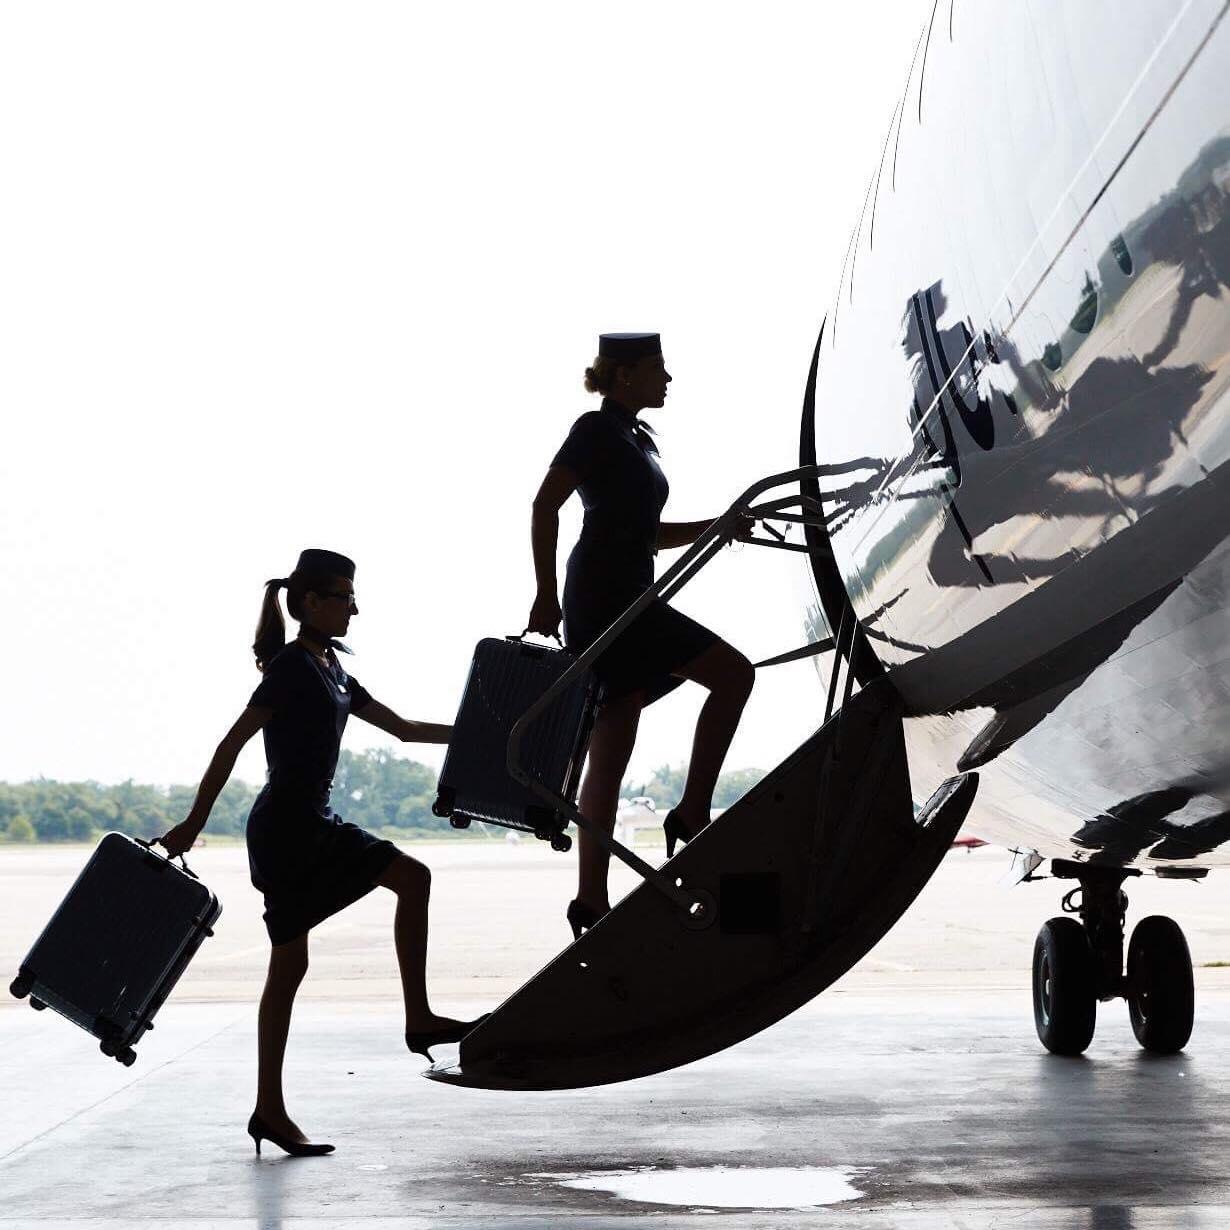 Comment voyager avec une valise de cabine